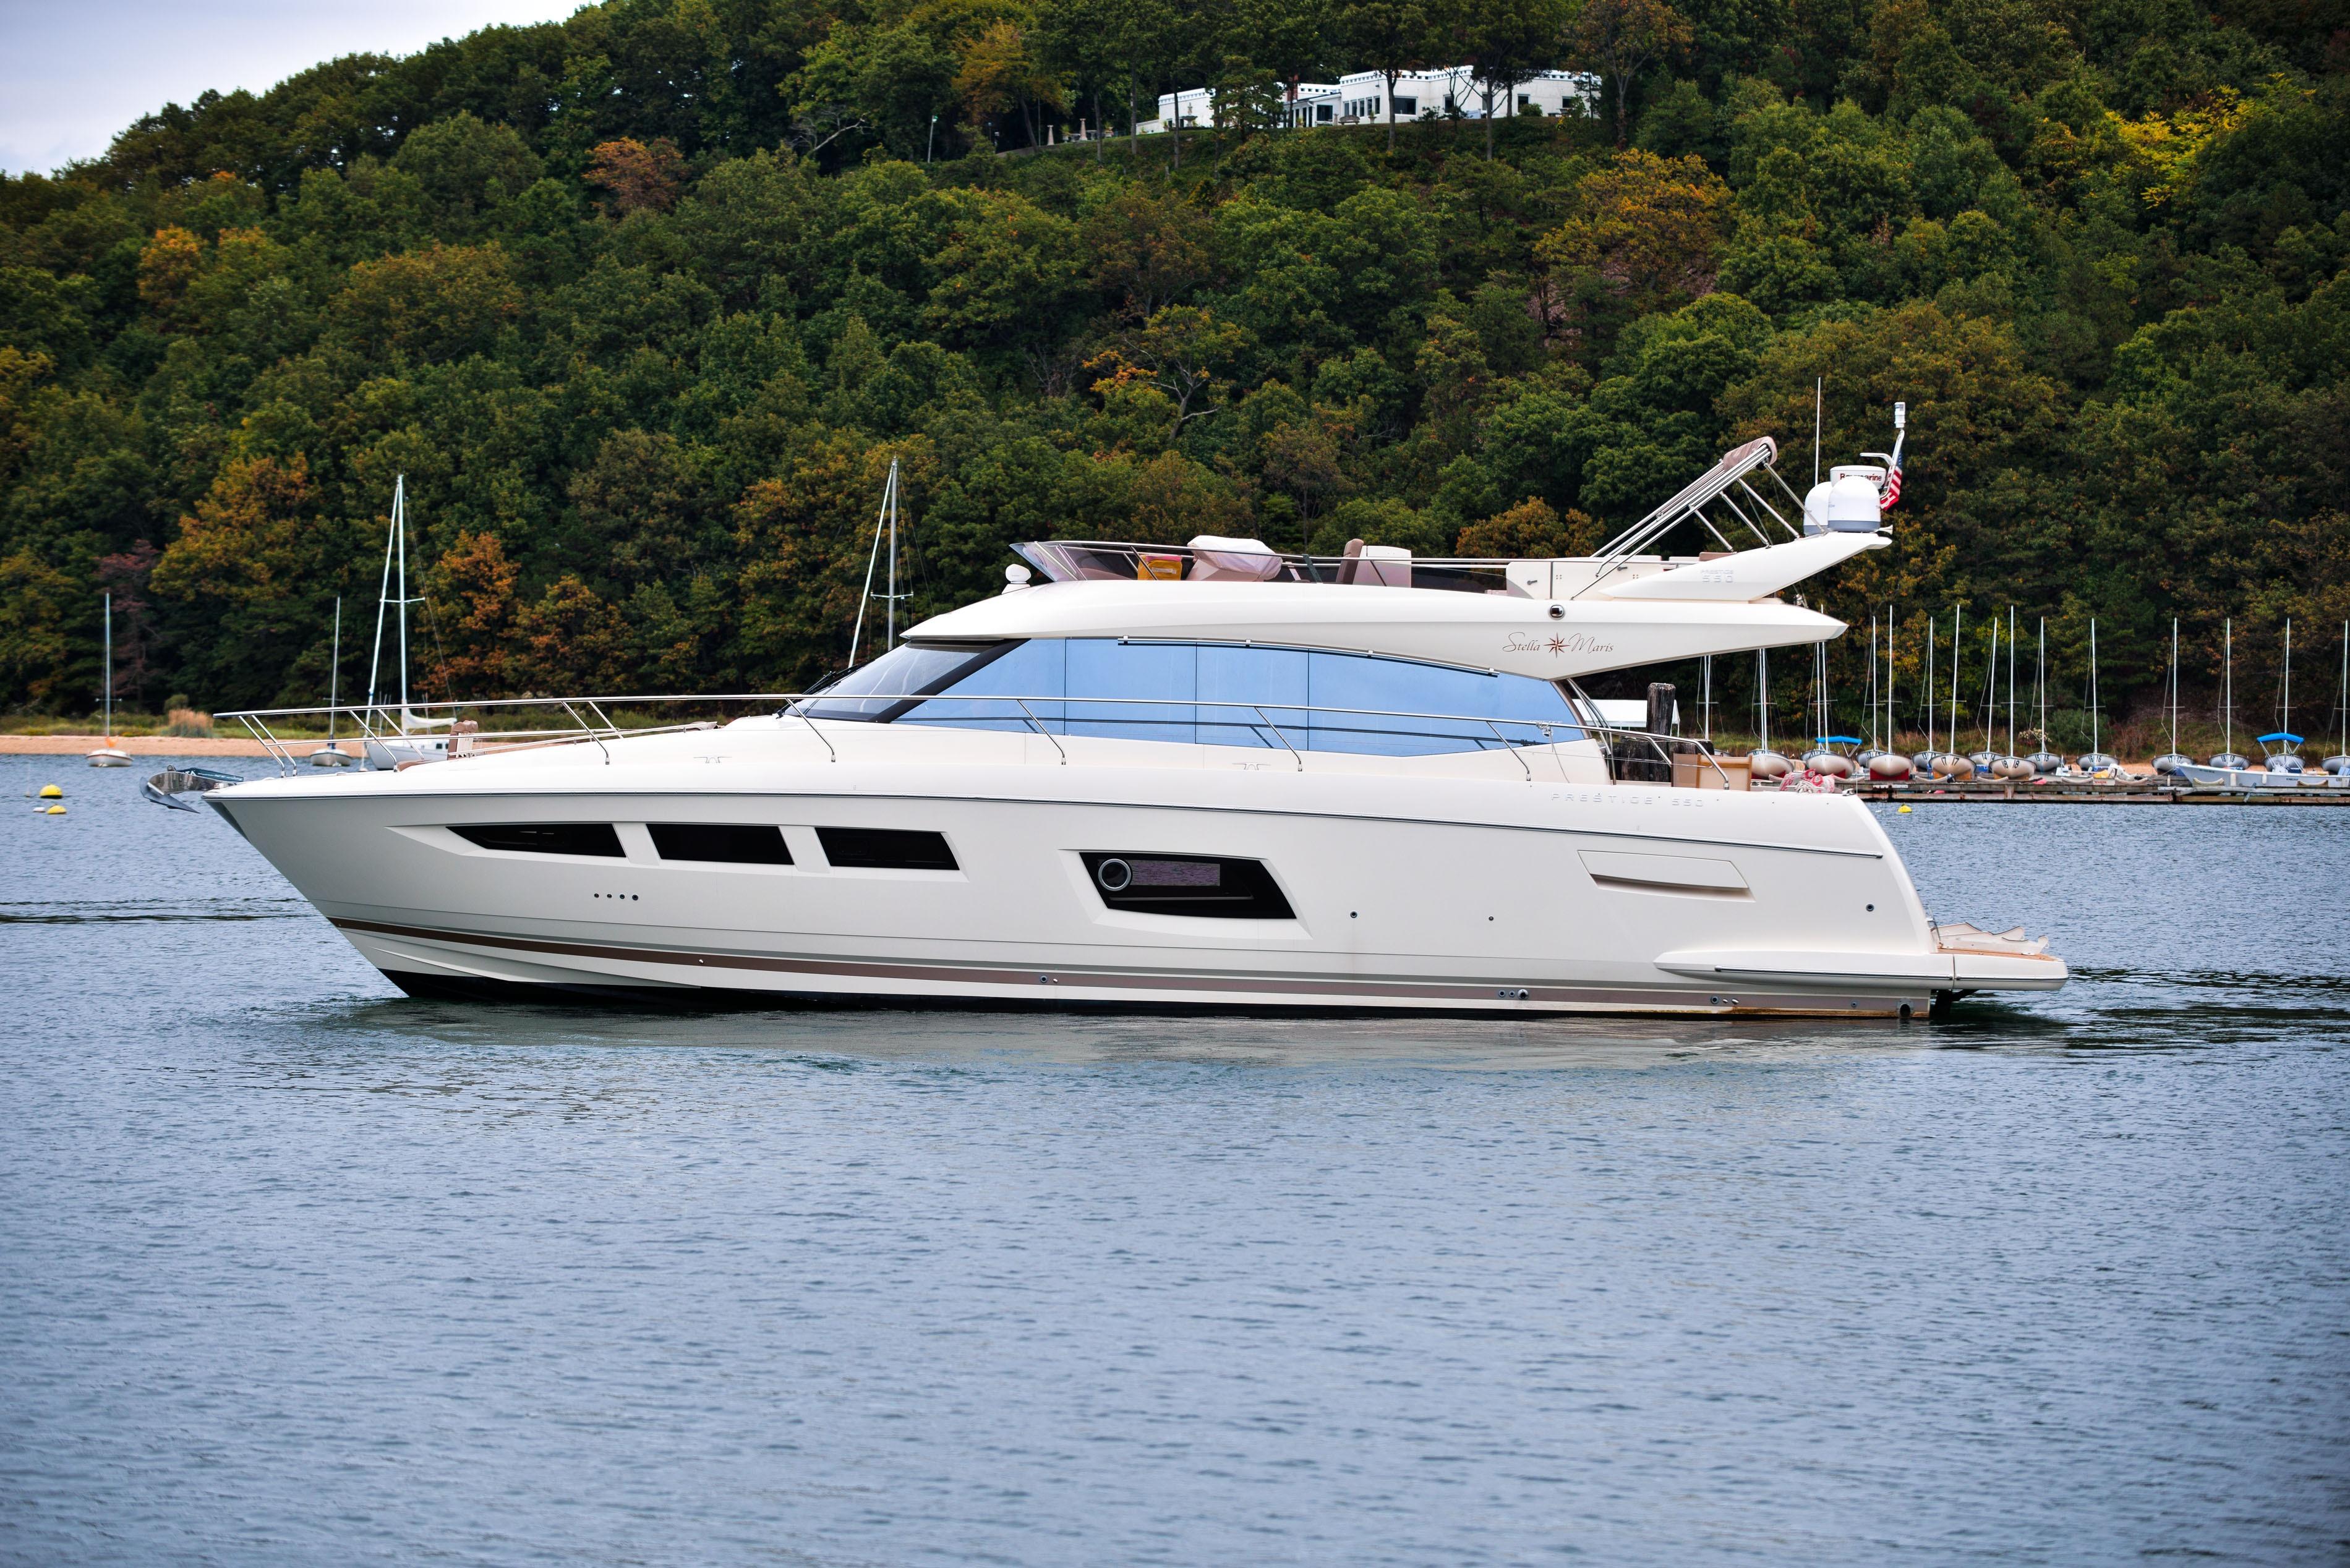 Prestige Yachts 550 Flybridge, Freeport, NY